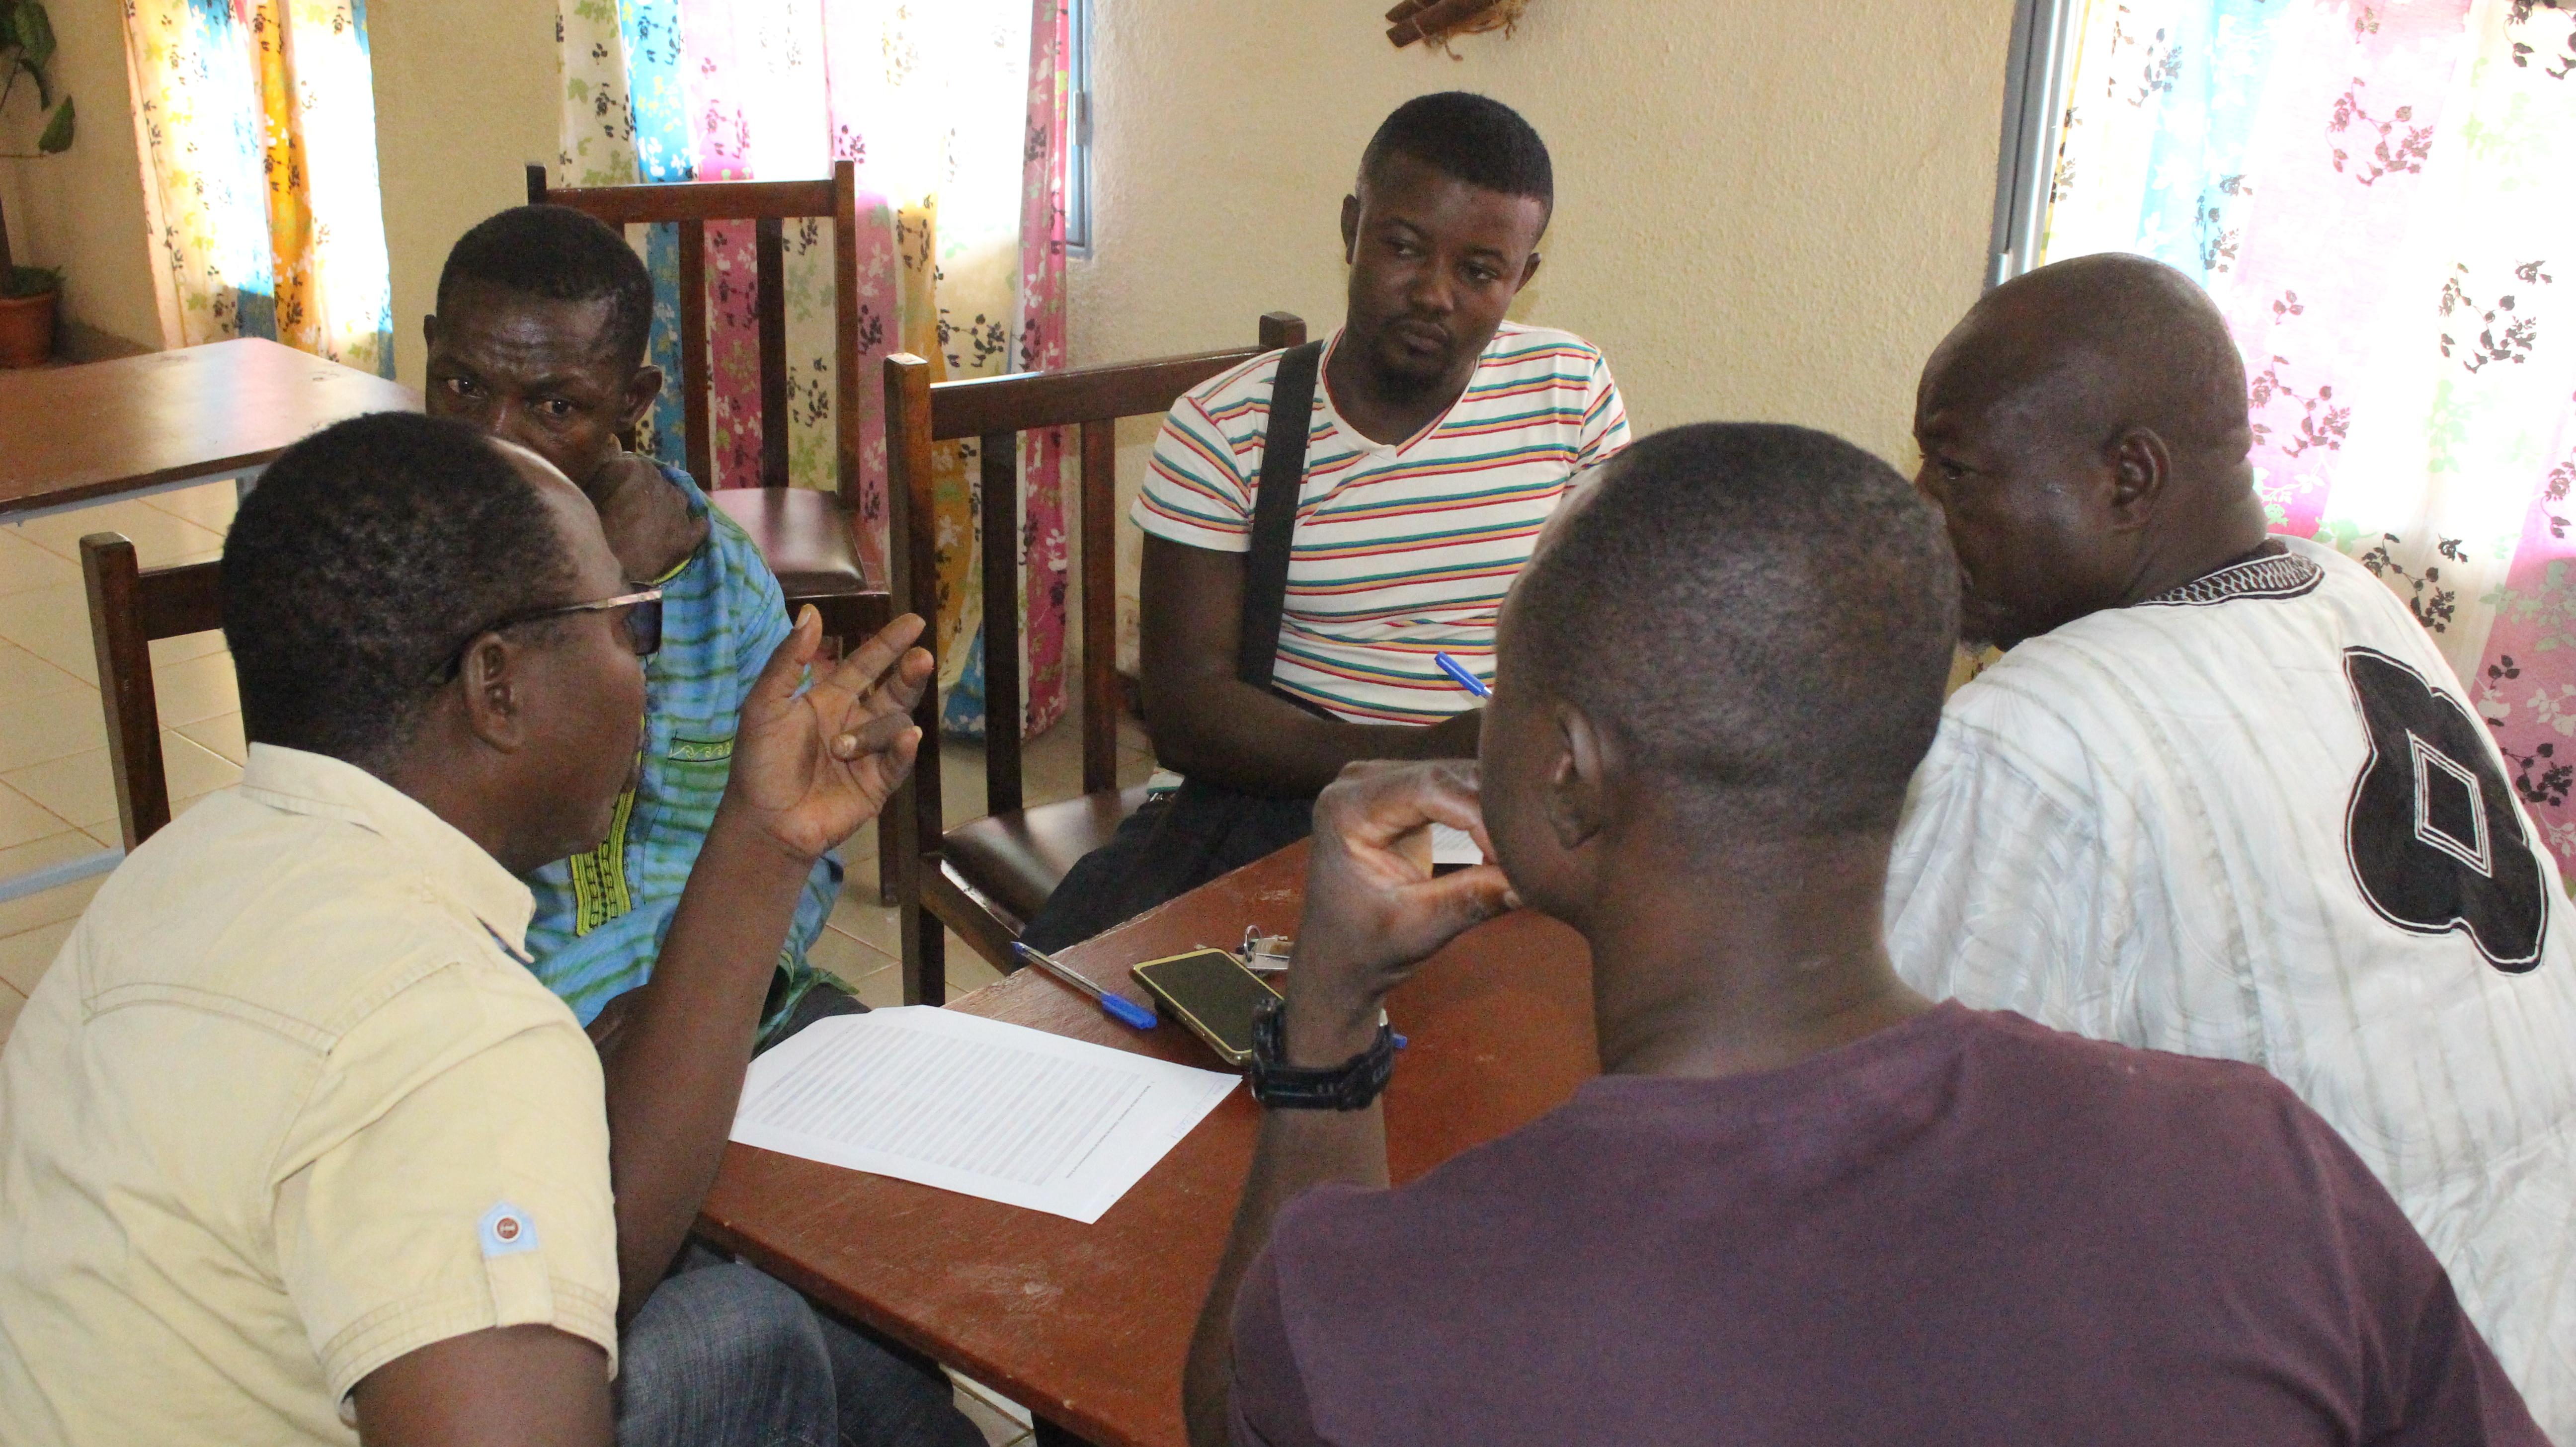 Participantes practicando sus respuestas juntos